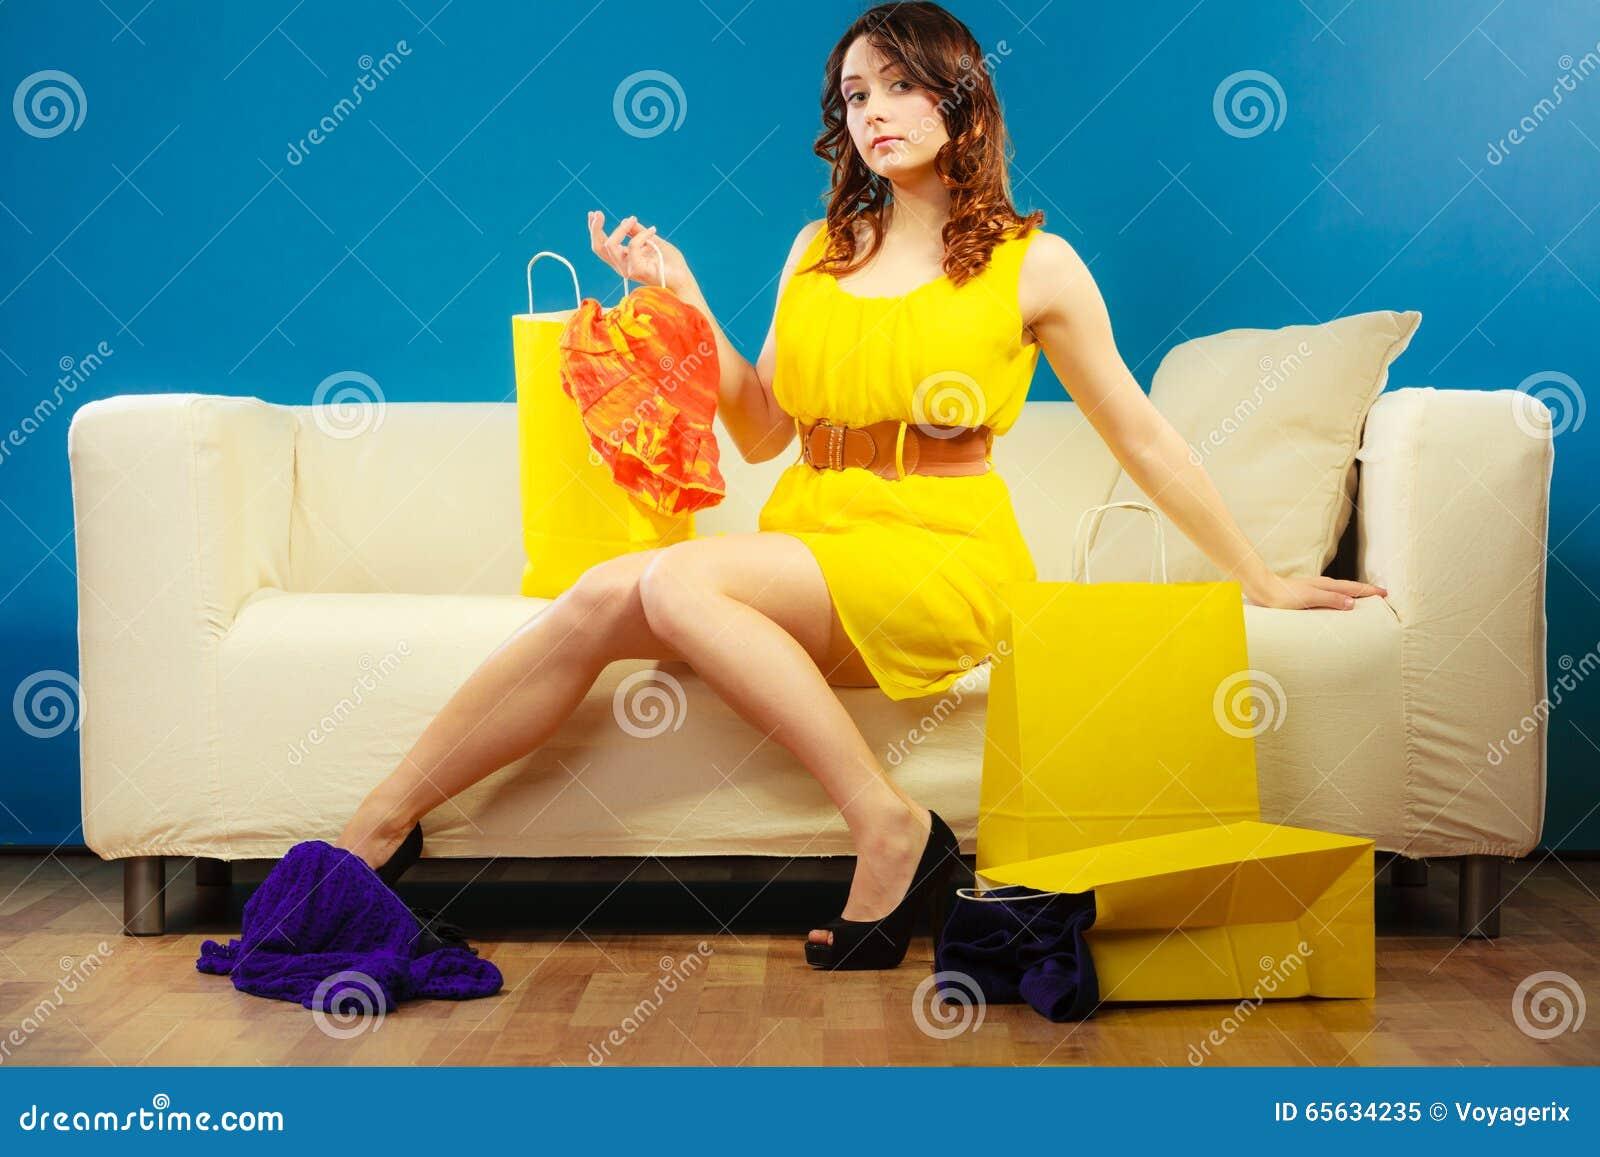 Femme avec des paniers sur le divan